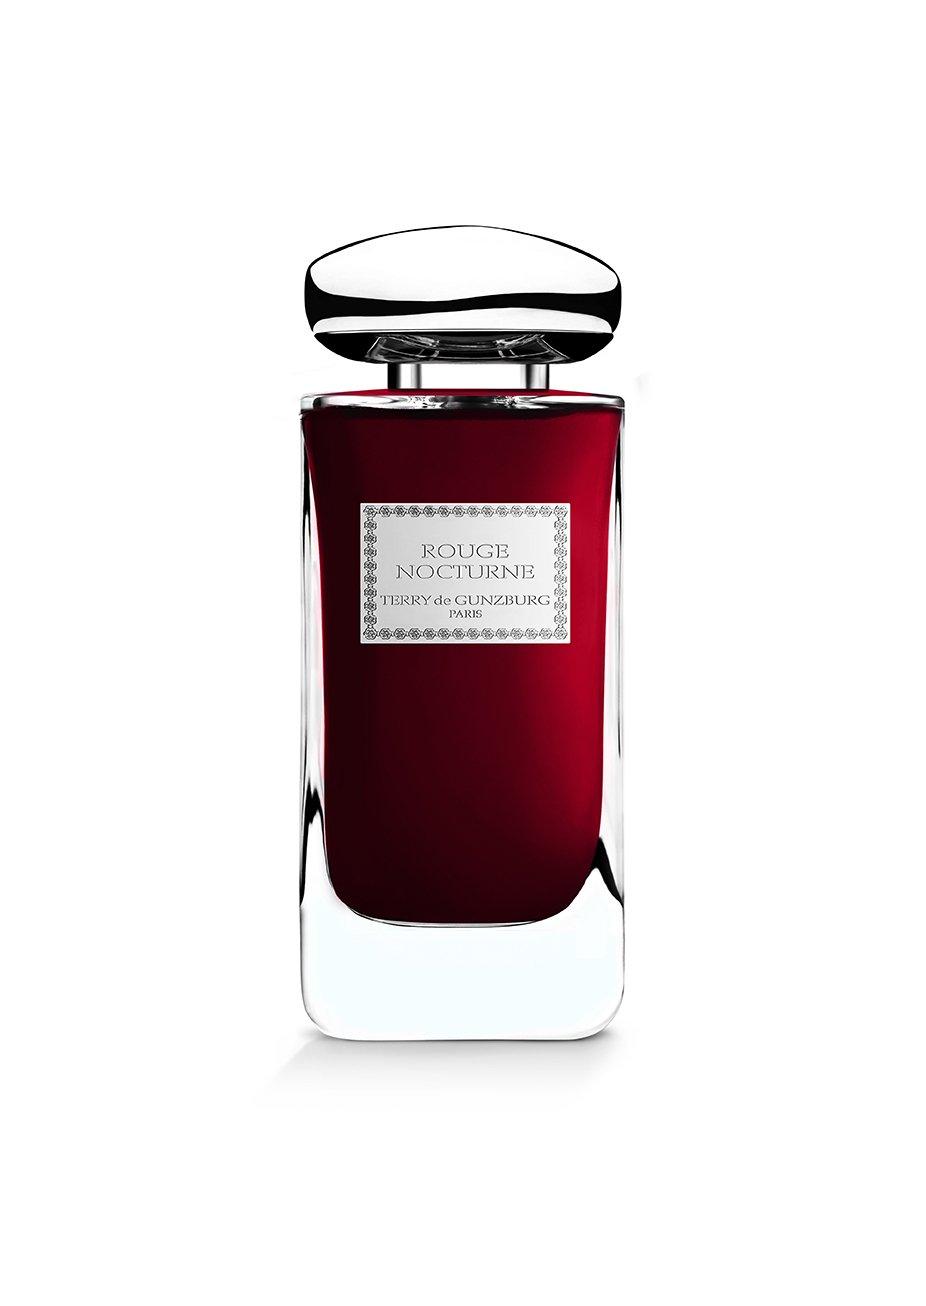 Terry de Gunzburg Rouge Nocturne Eau De Parfum for women 3.4 oz